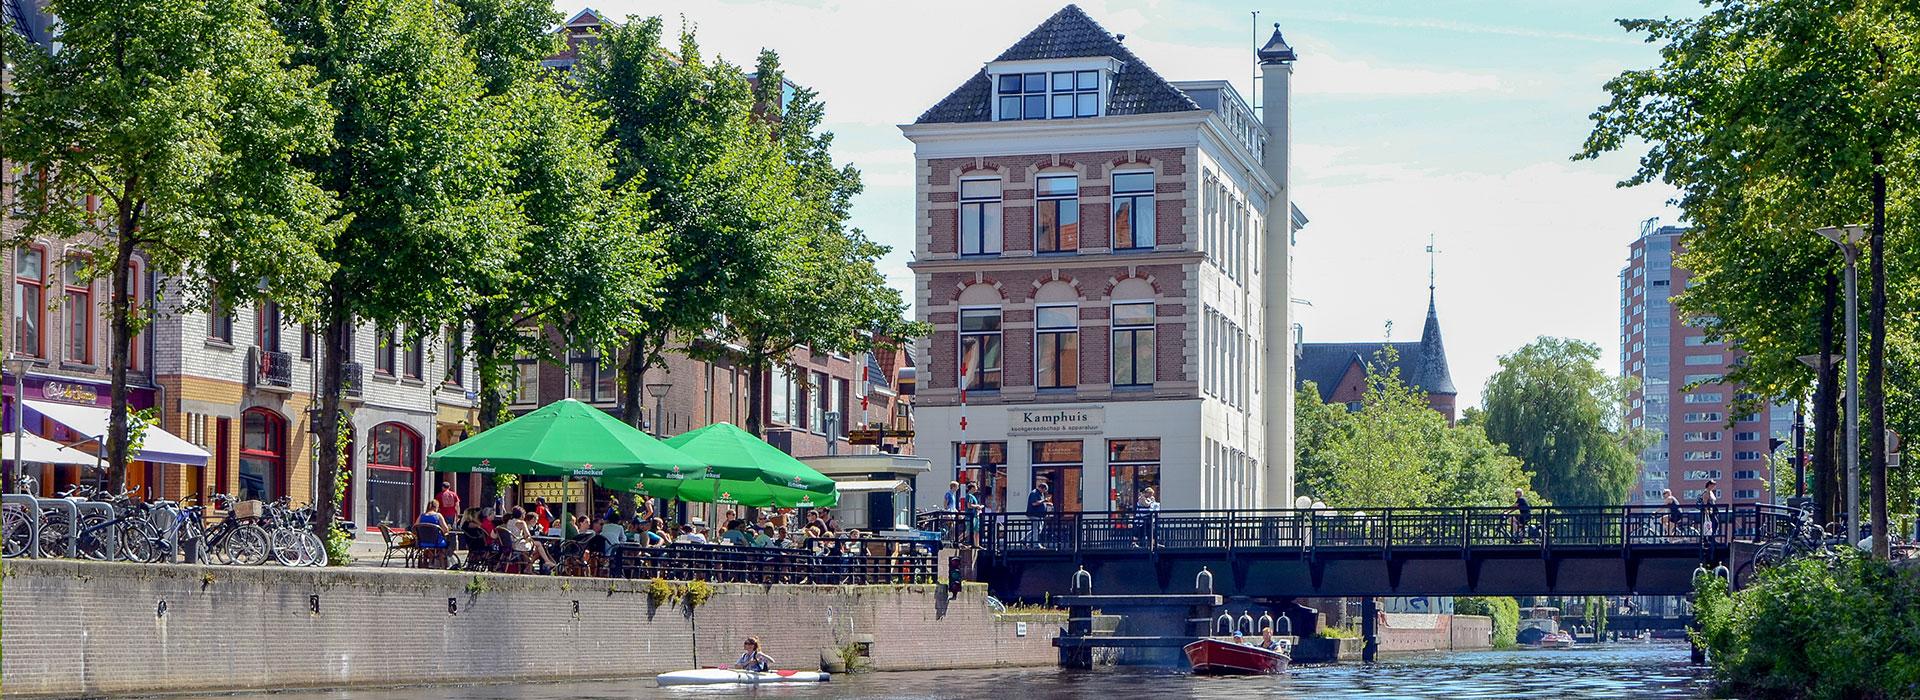 groningen-bezoeken-vakantie-in-Friesland-Ljeppershiem-vakantiepark-sloepvaren